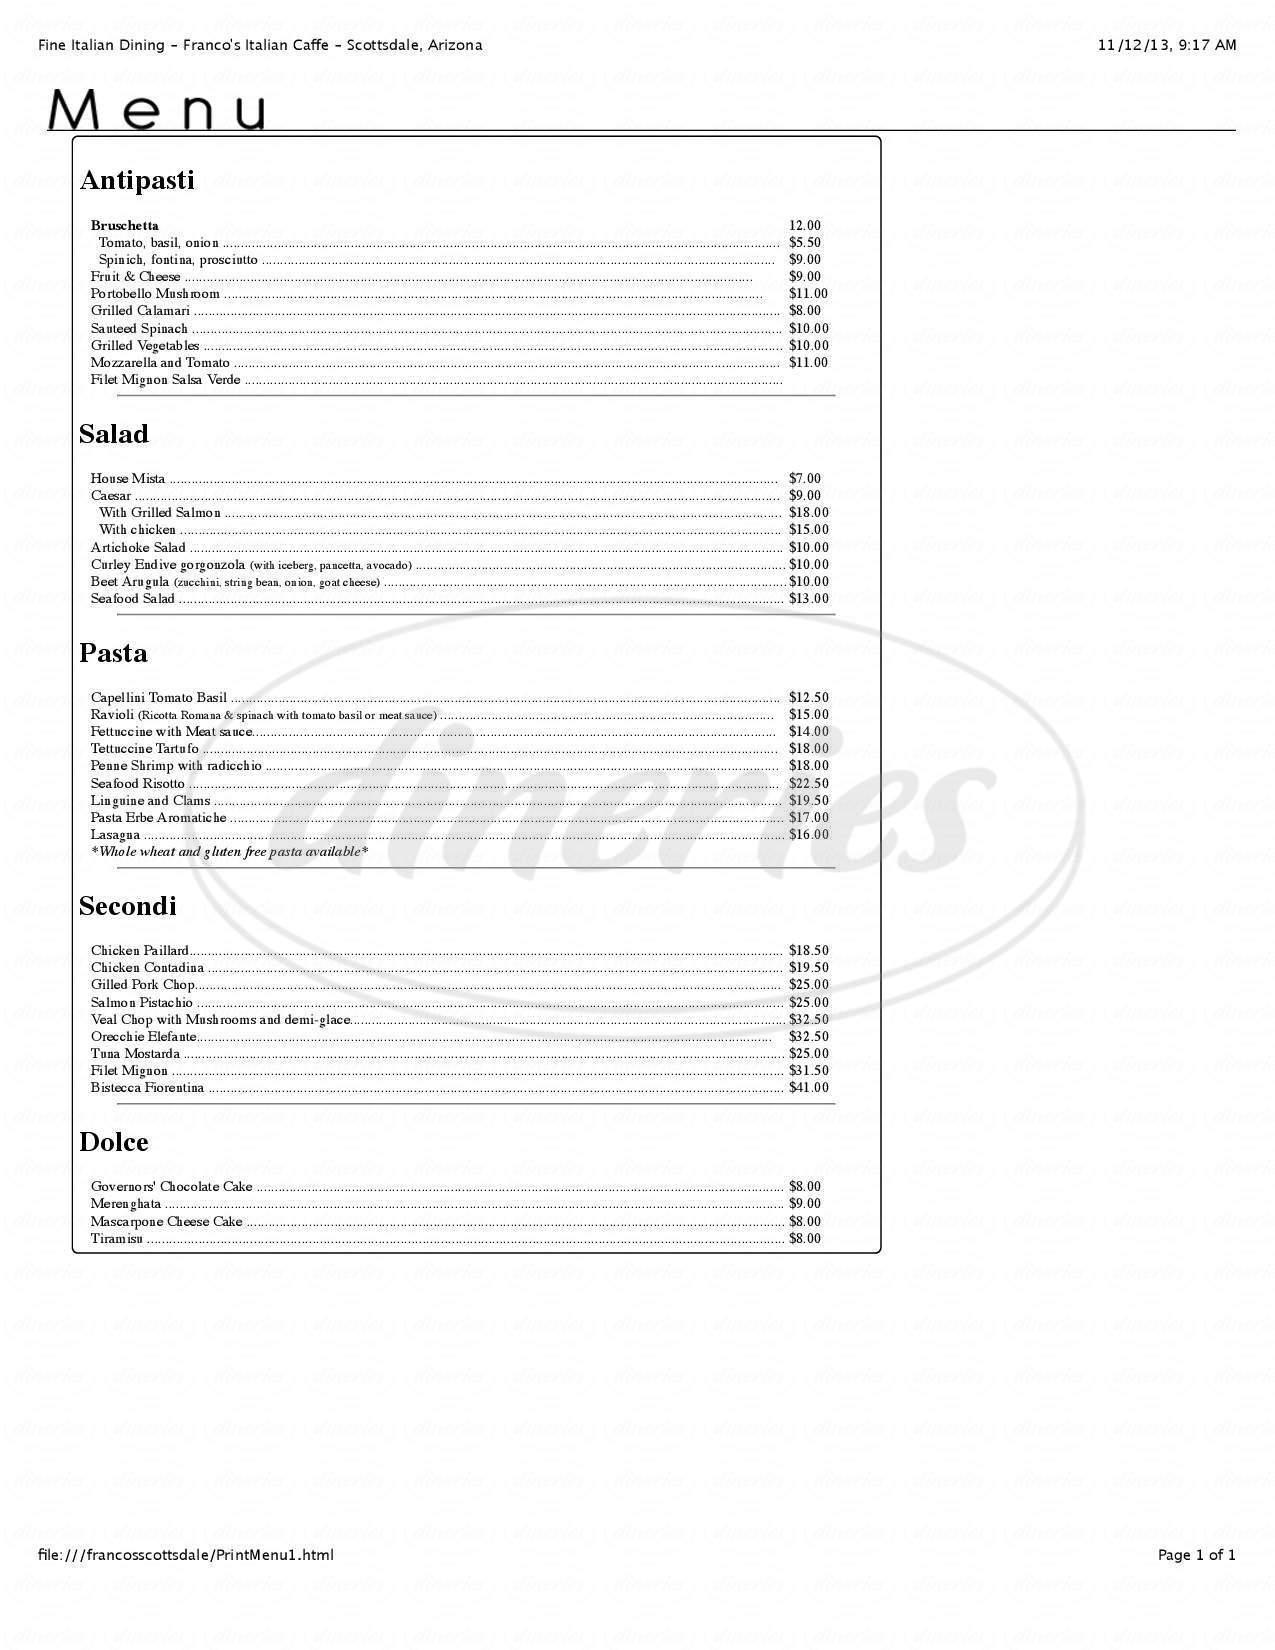 menu for Franco's Italian Caffé